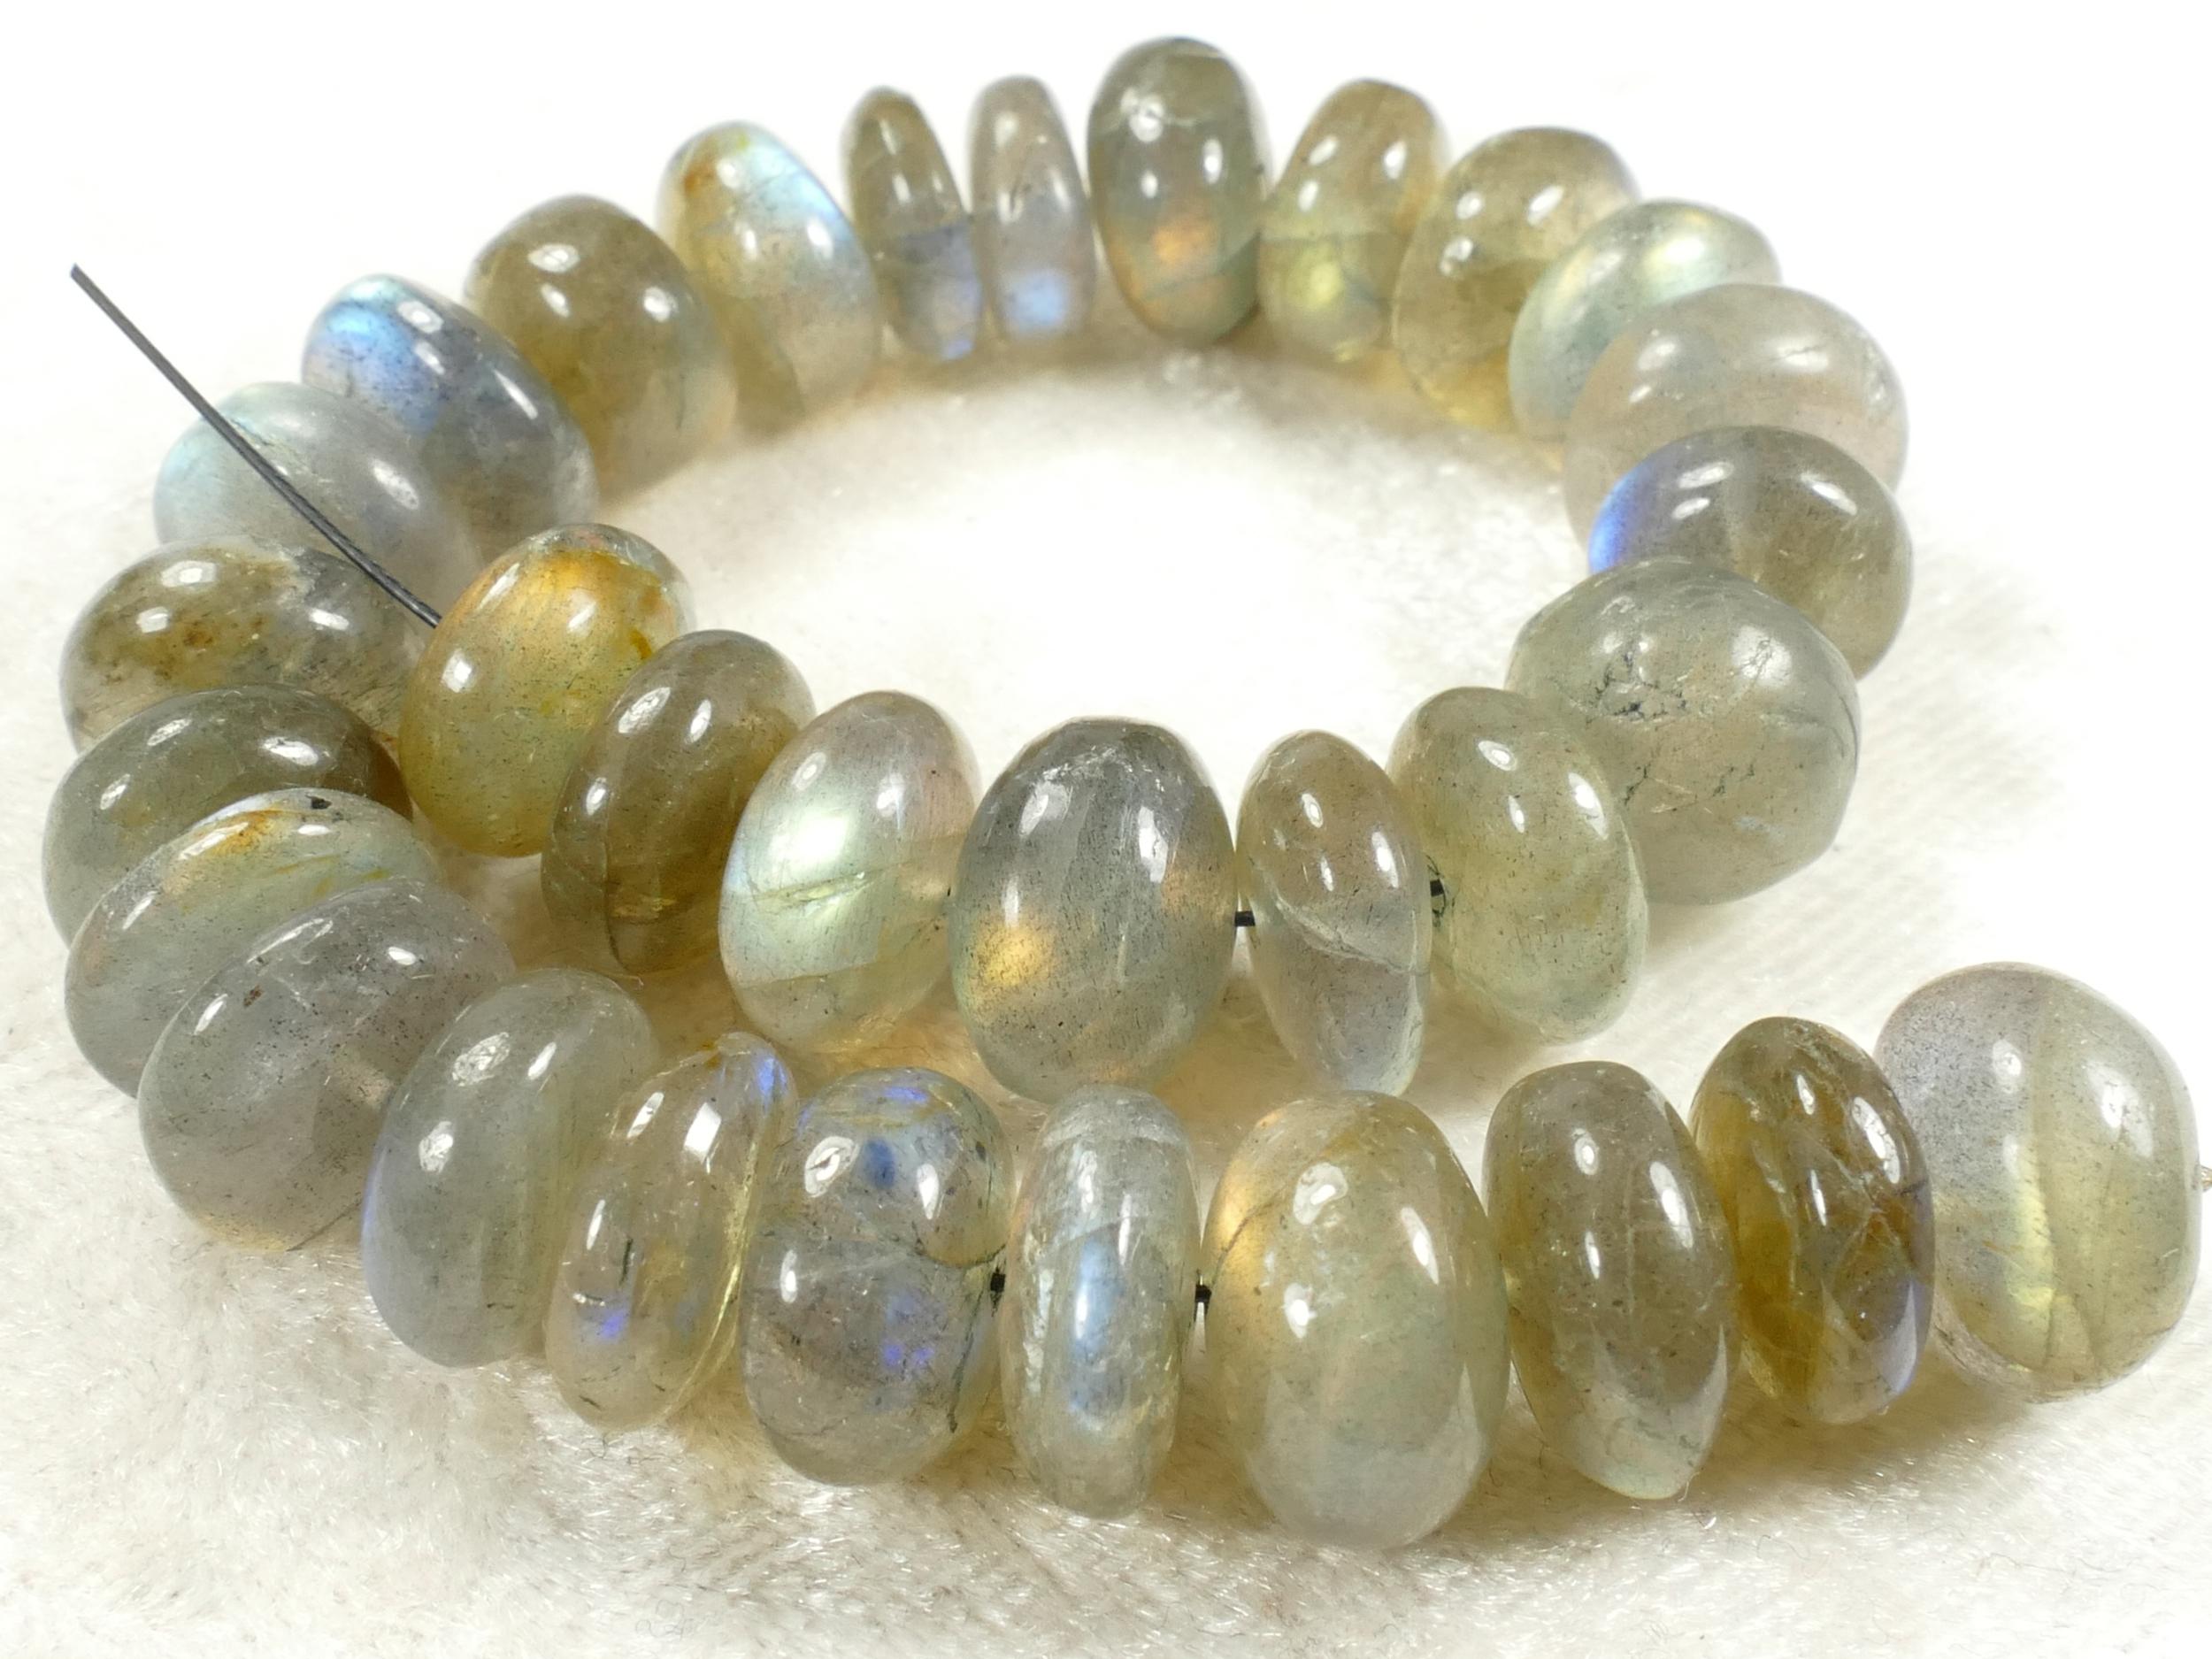 10/11mm Perles de Labradorite naturelle en rondelle lisse de Madagascar x10pc (#AC441)